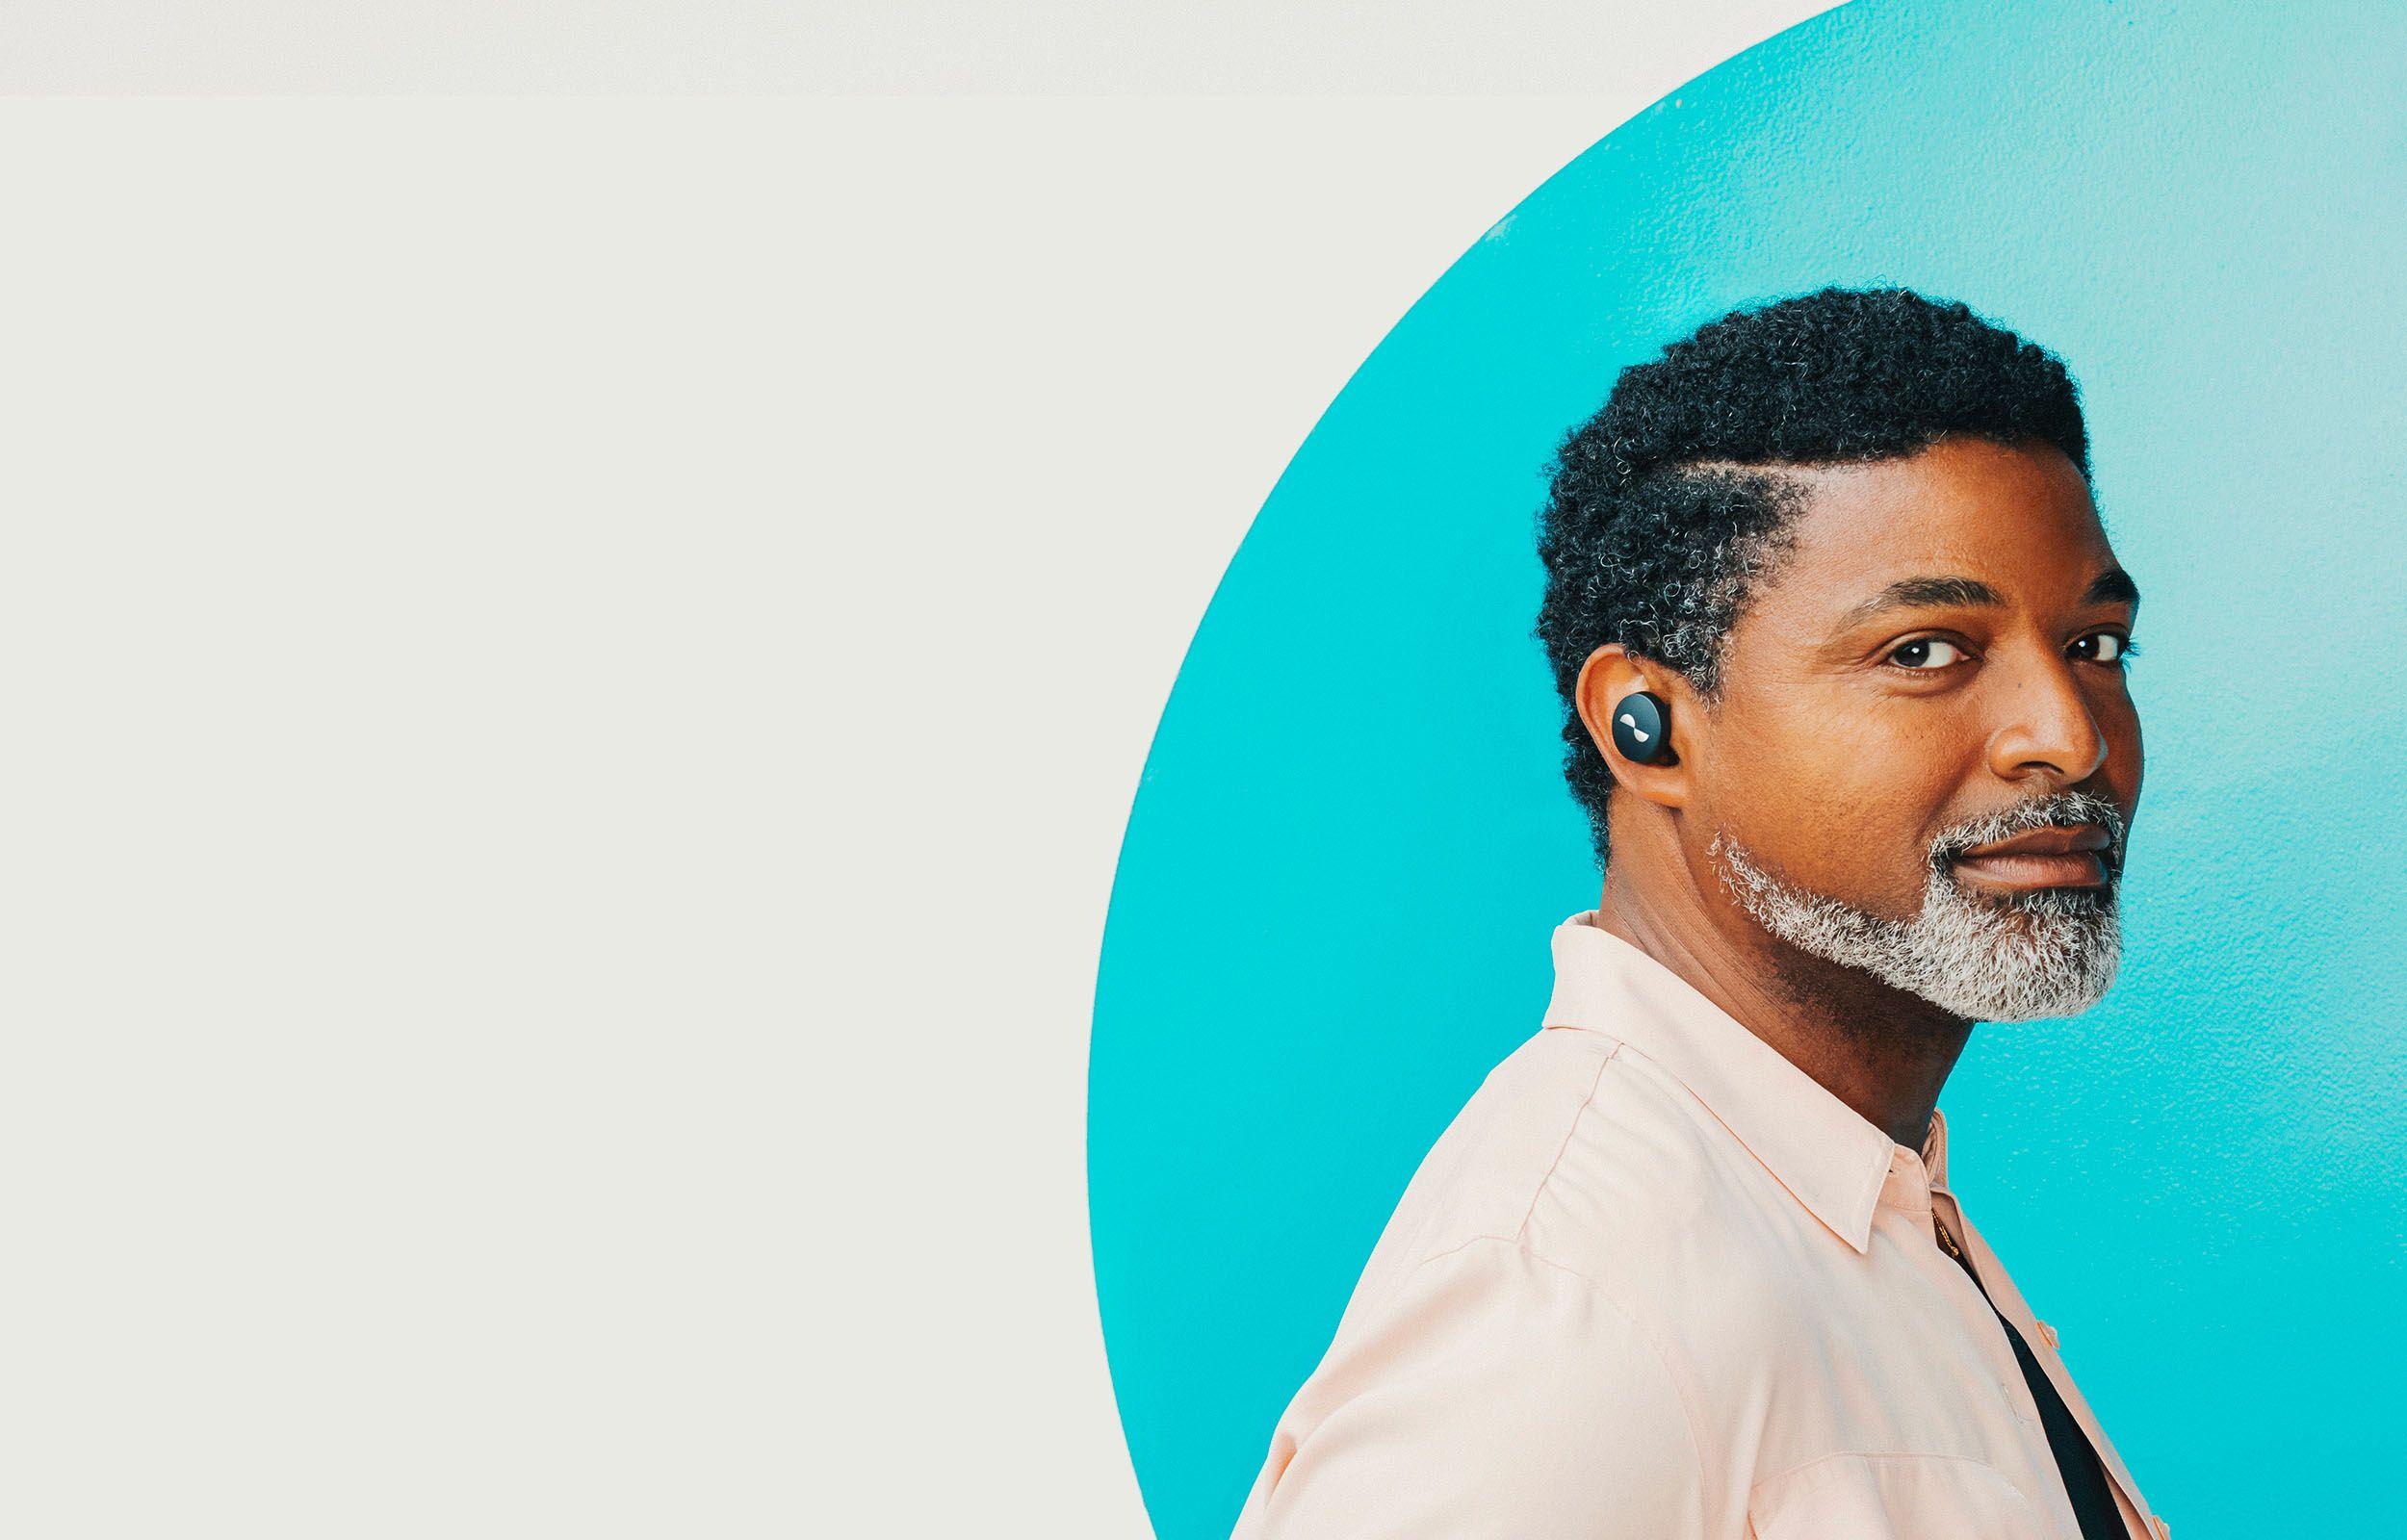 Person wearing NURATRUE earbuds in ears